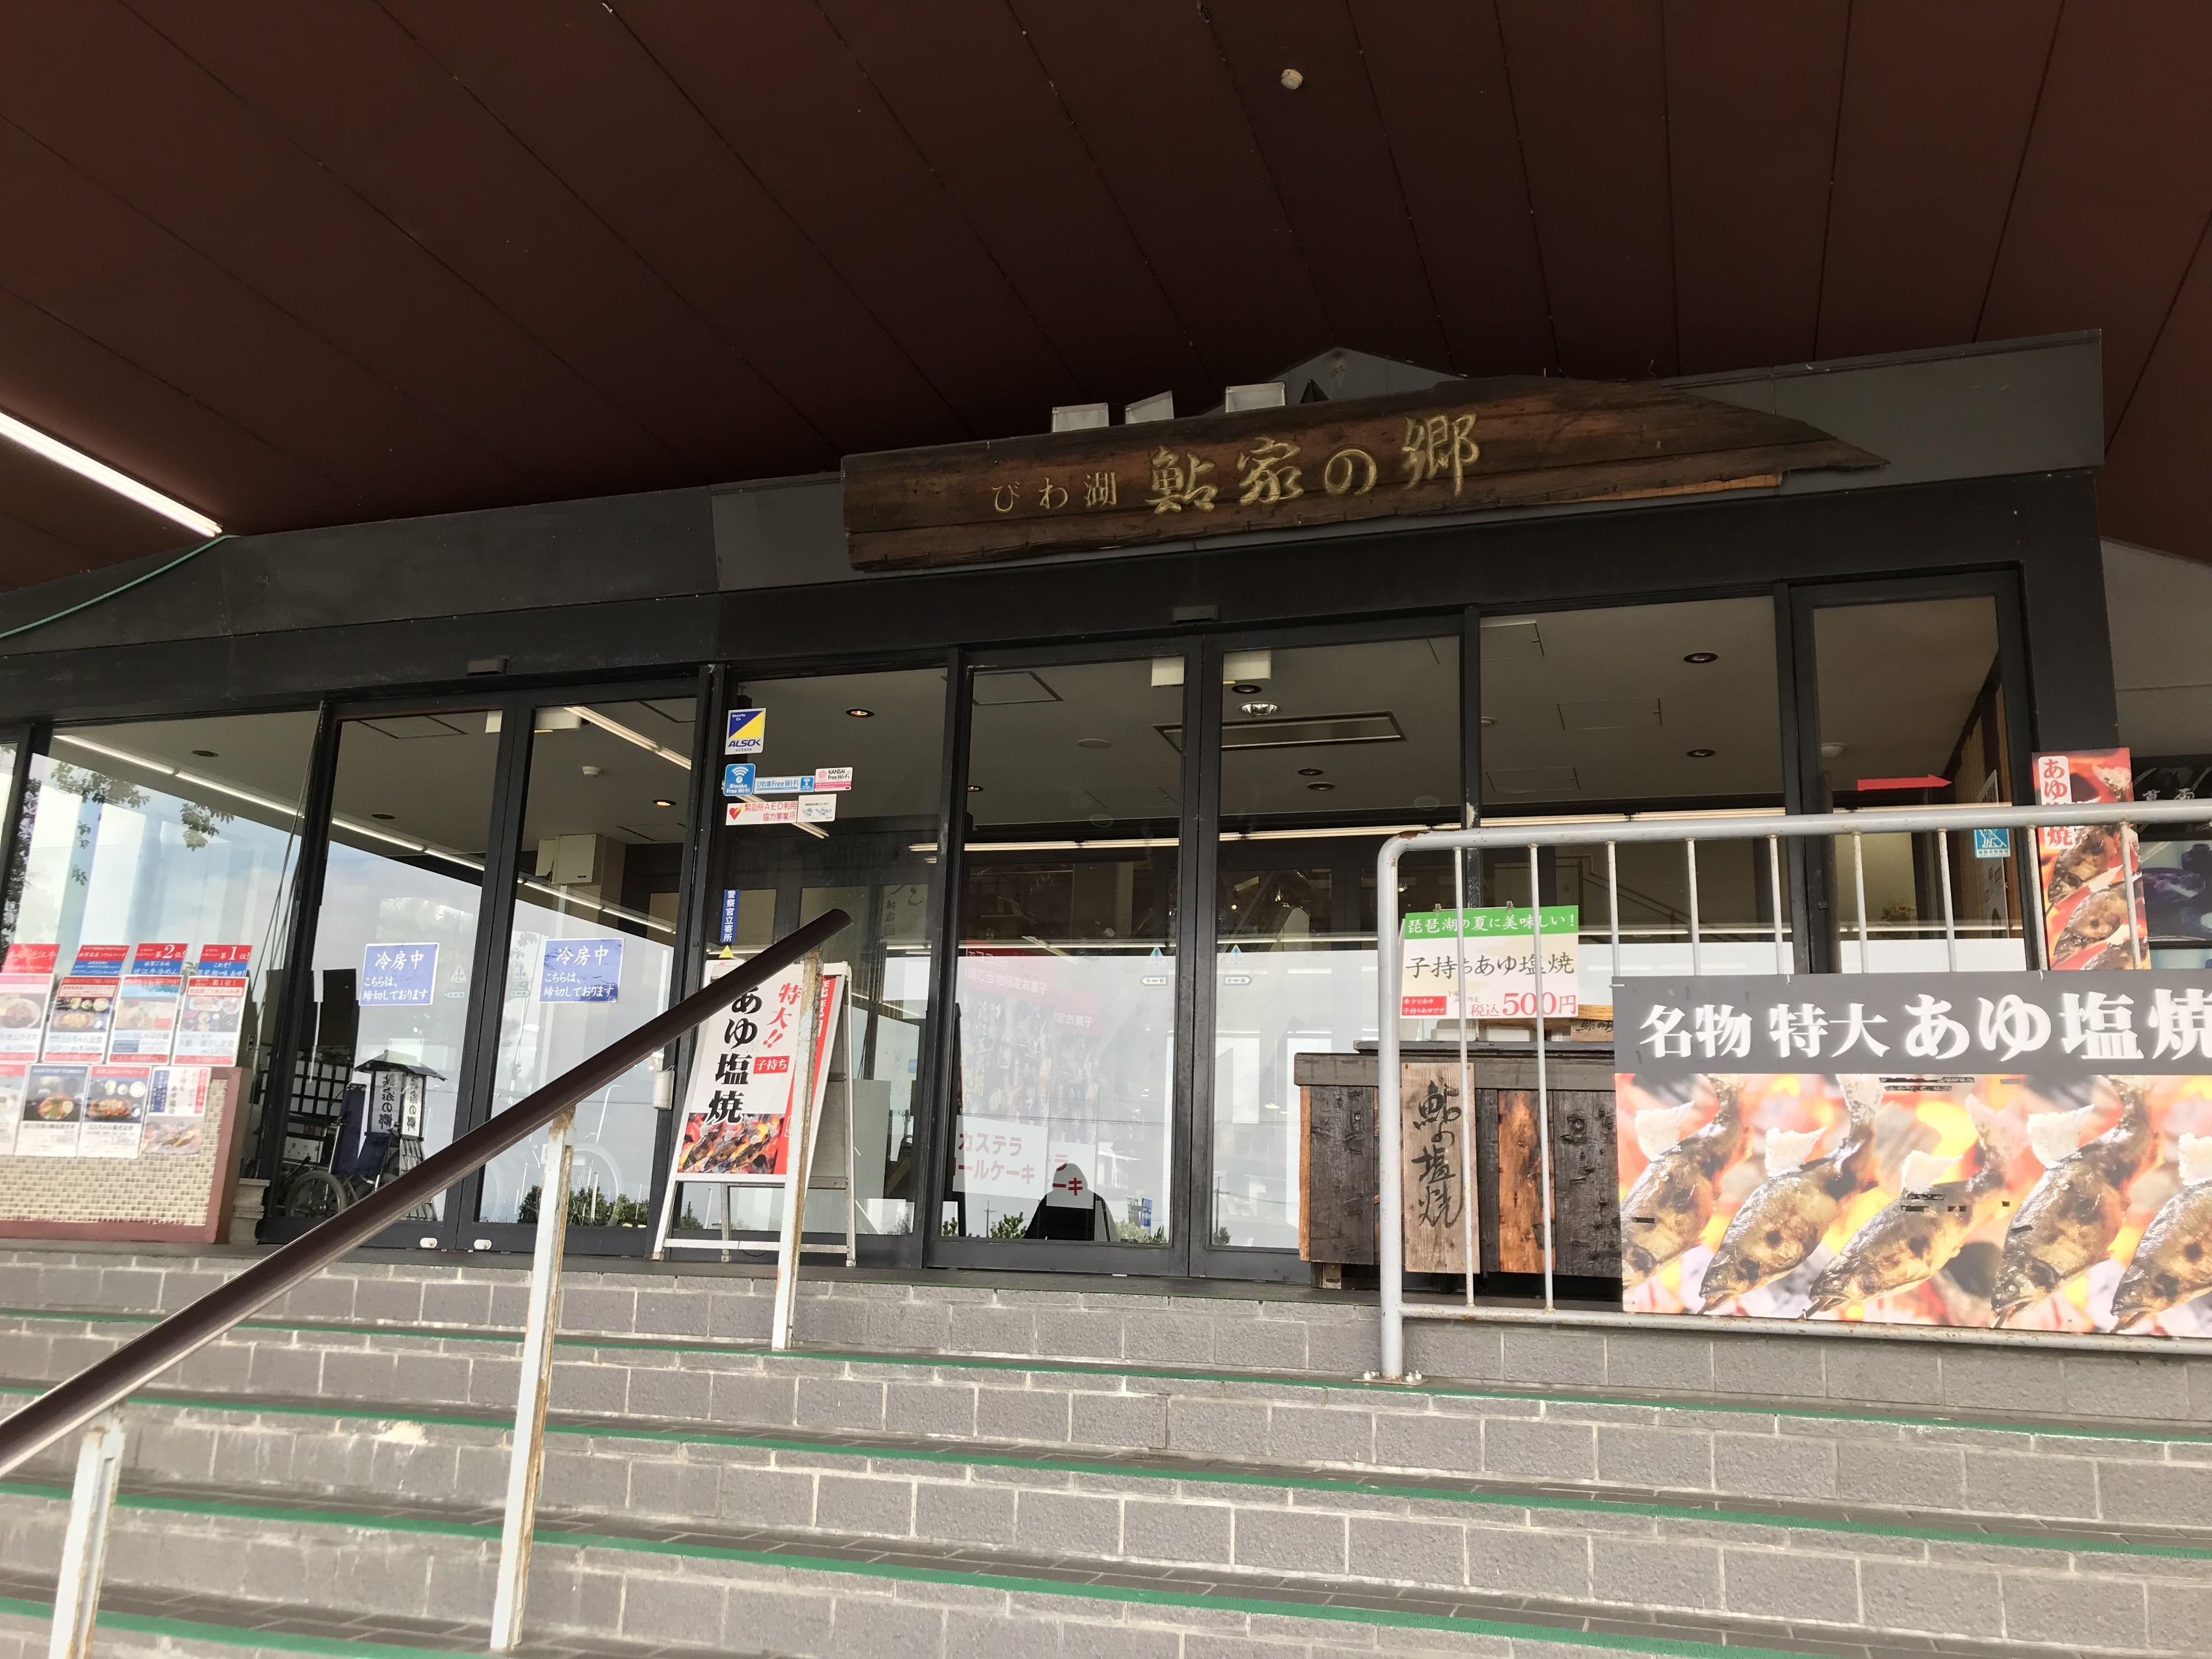 ハーレーとカワサキで行く近江八幡ツーリング 鮎家の郷 入り口